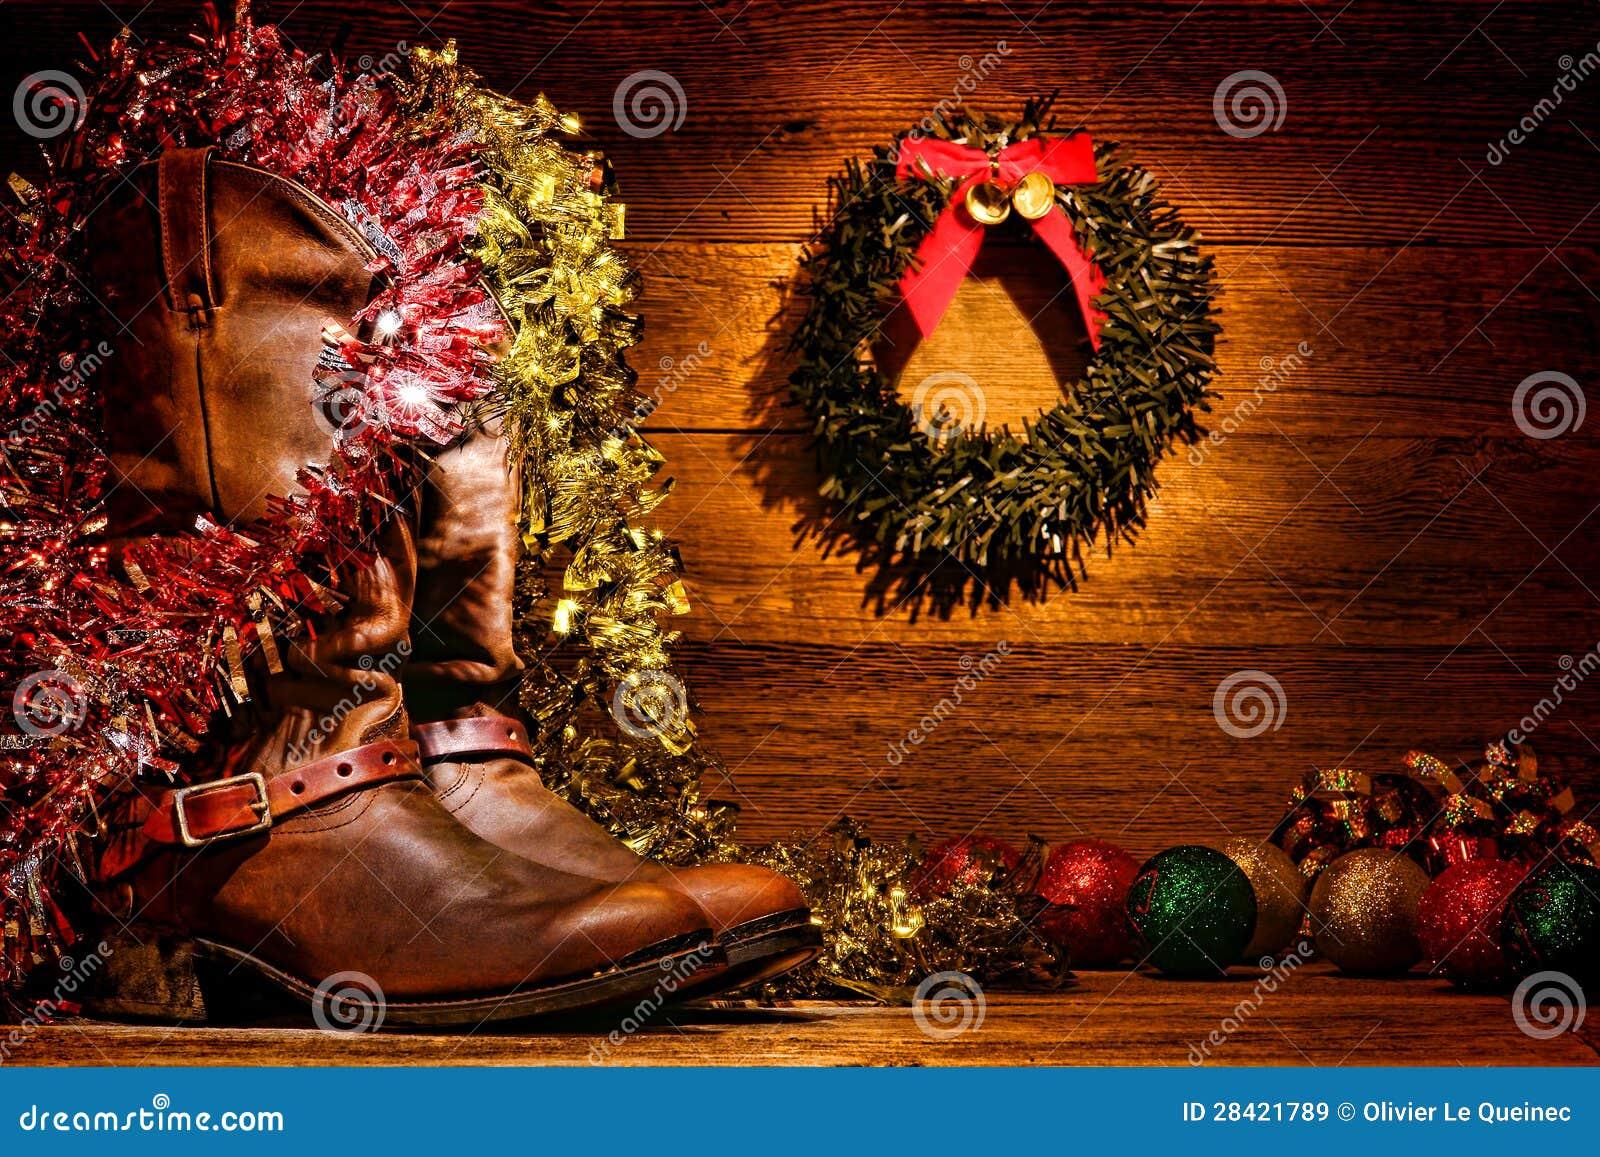 amerikanische westrodeo cowboystiefel weihnachtskarte. Black Bedroom Furniture Sets. Home Design Ideas